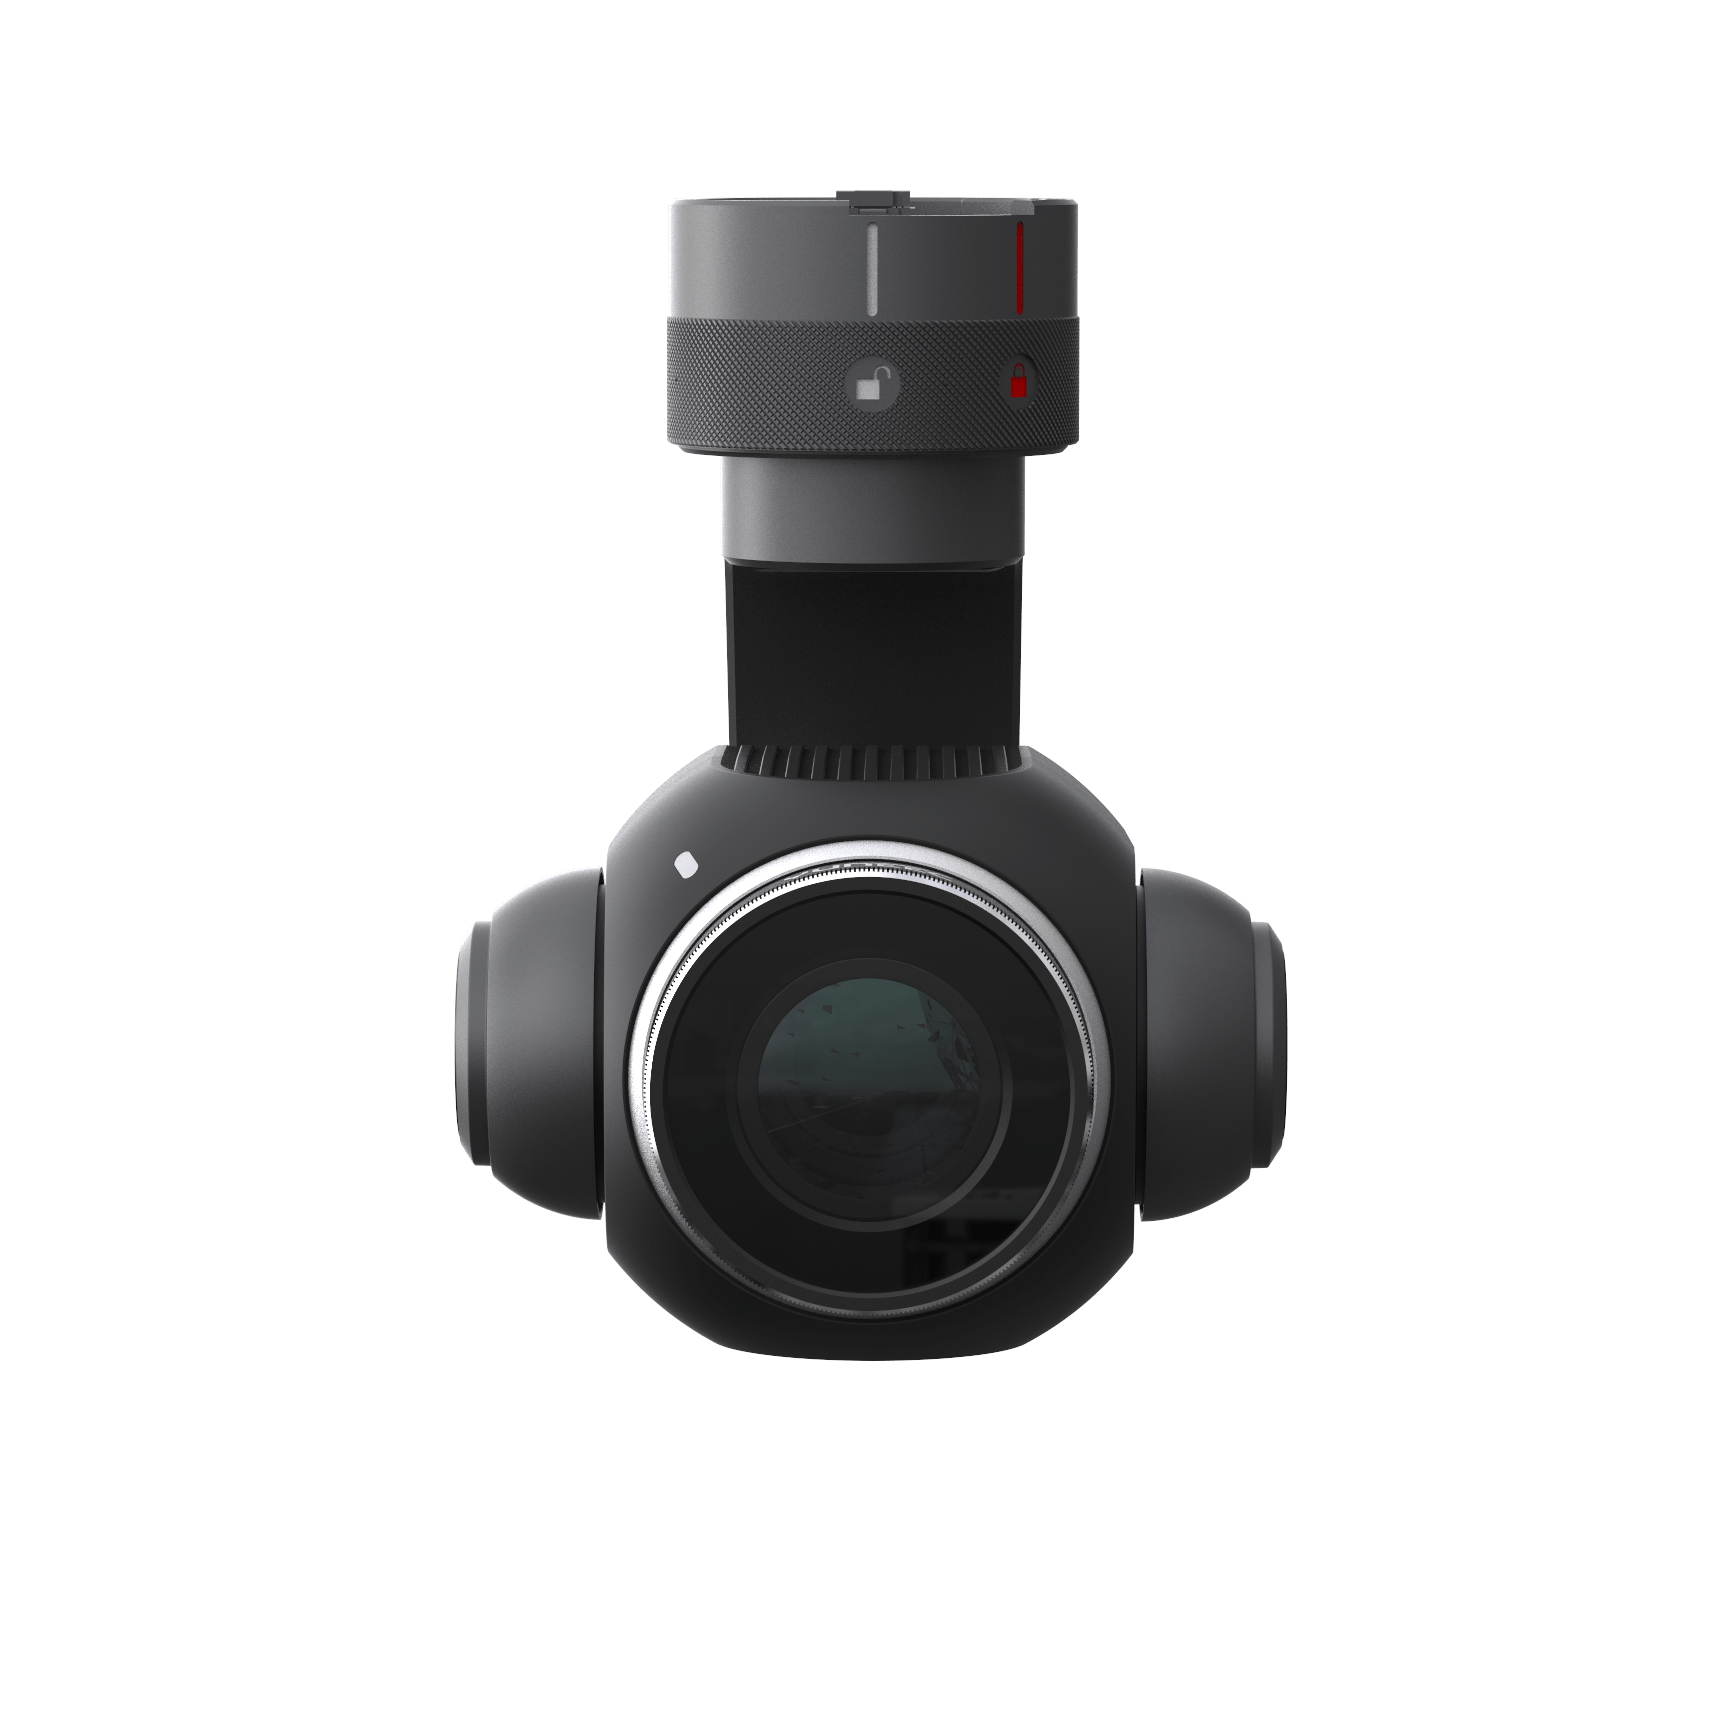 Yuneec E90x Kamera für den H520E Copter. Yuneec H520E E90x Kamera